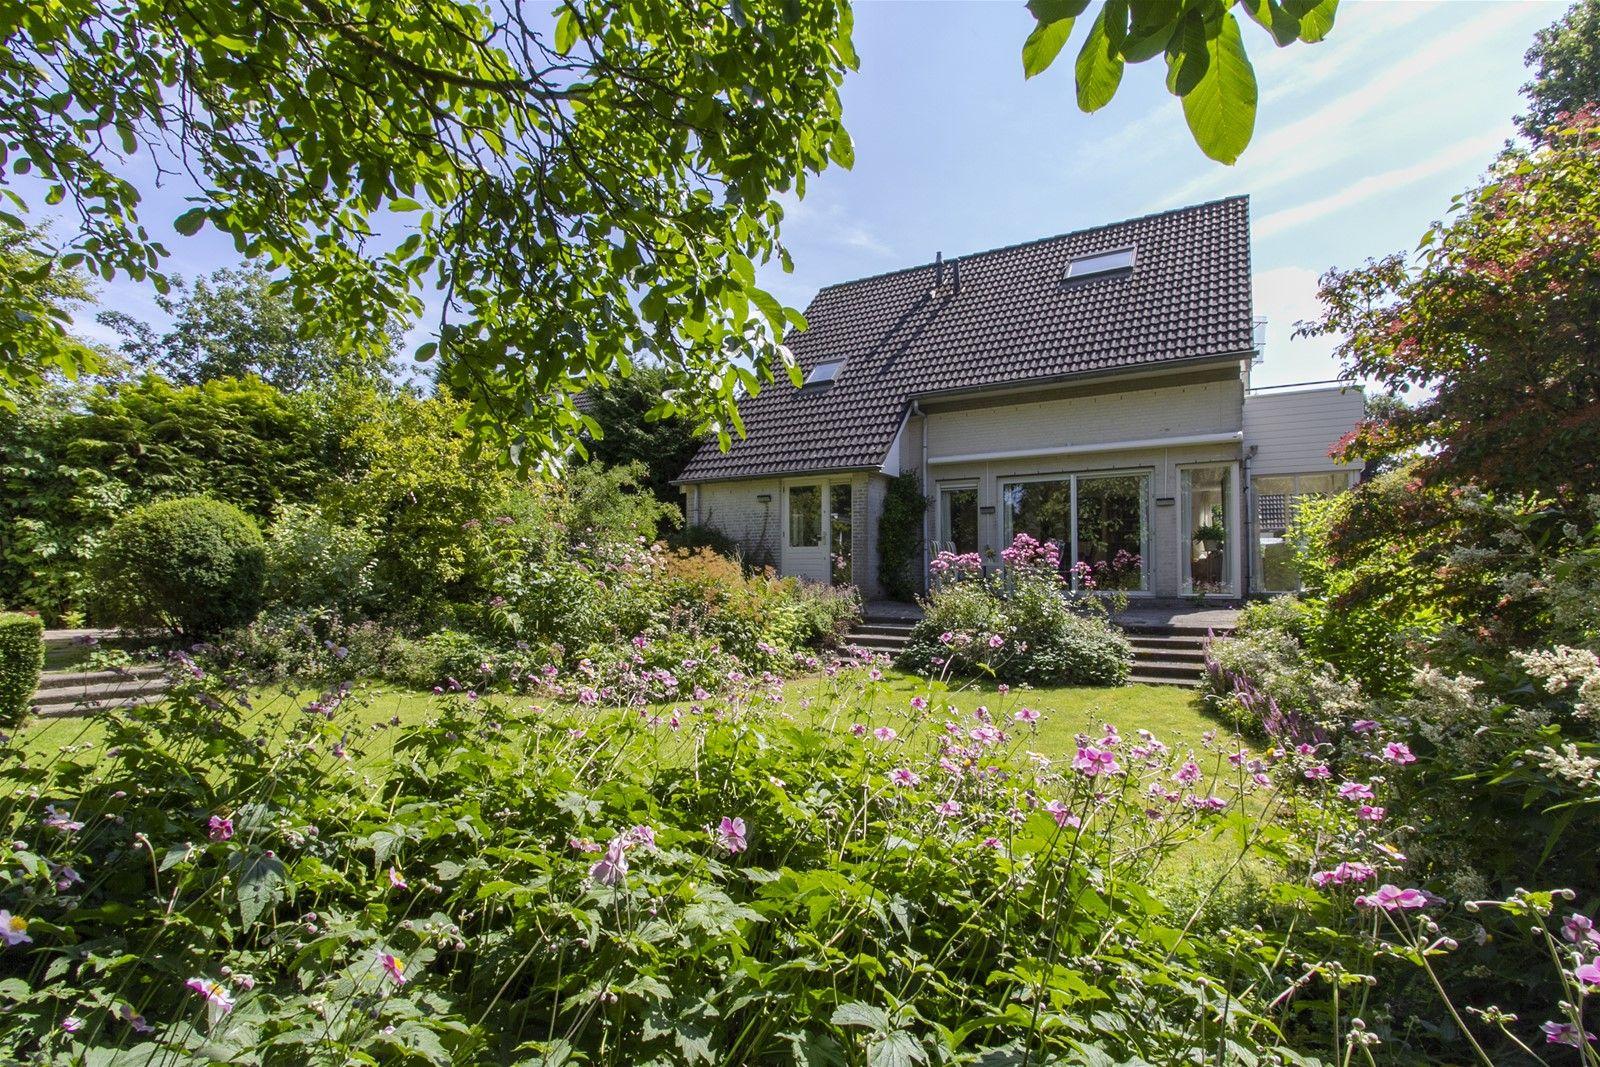 Koekoeklaan 1, Almere